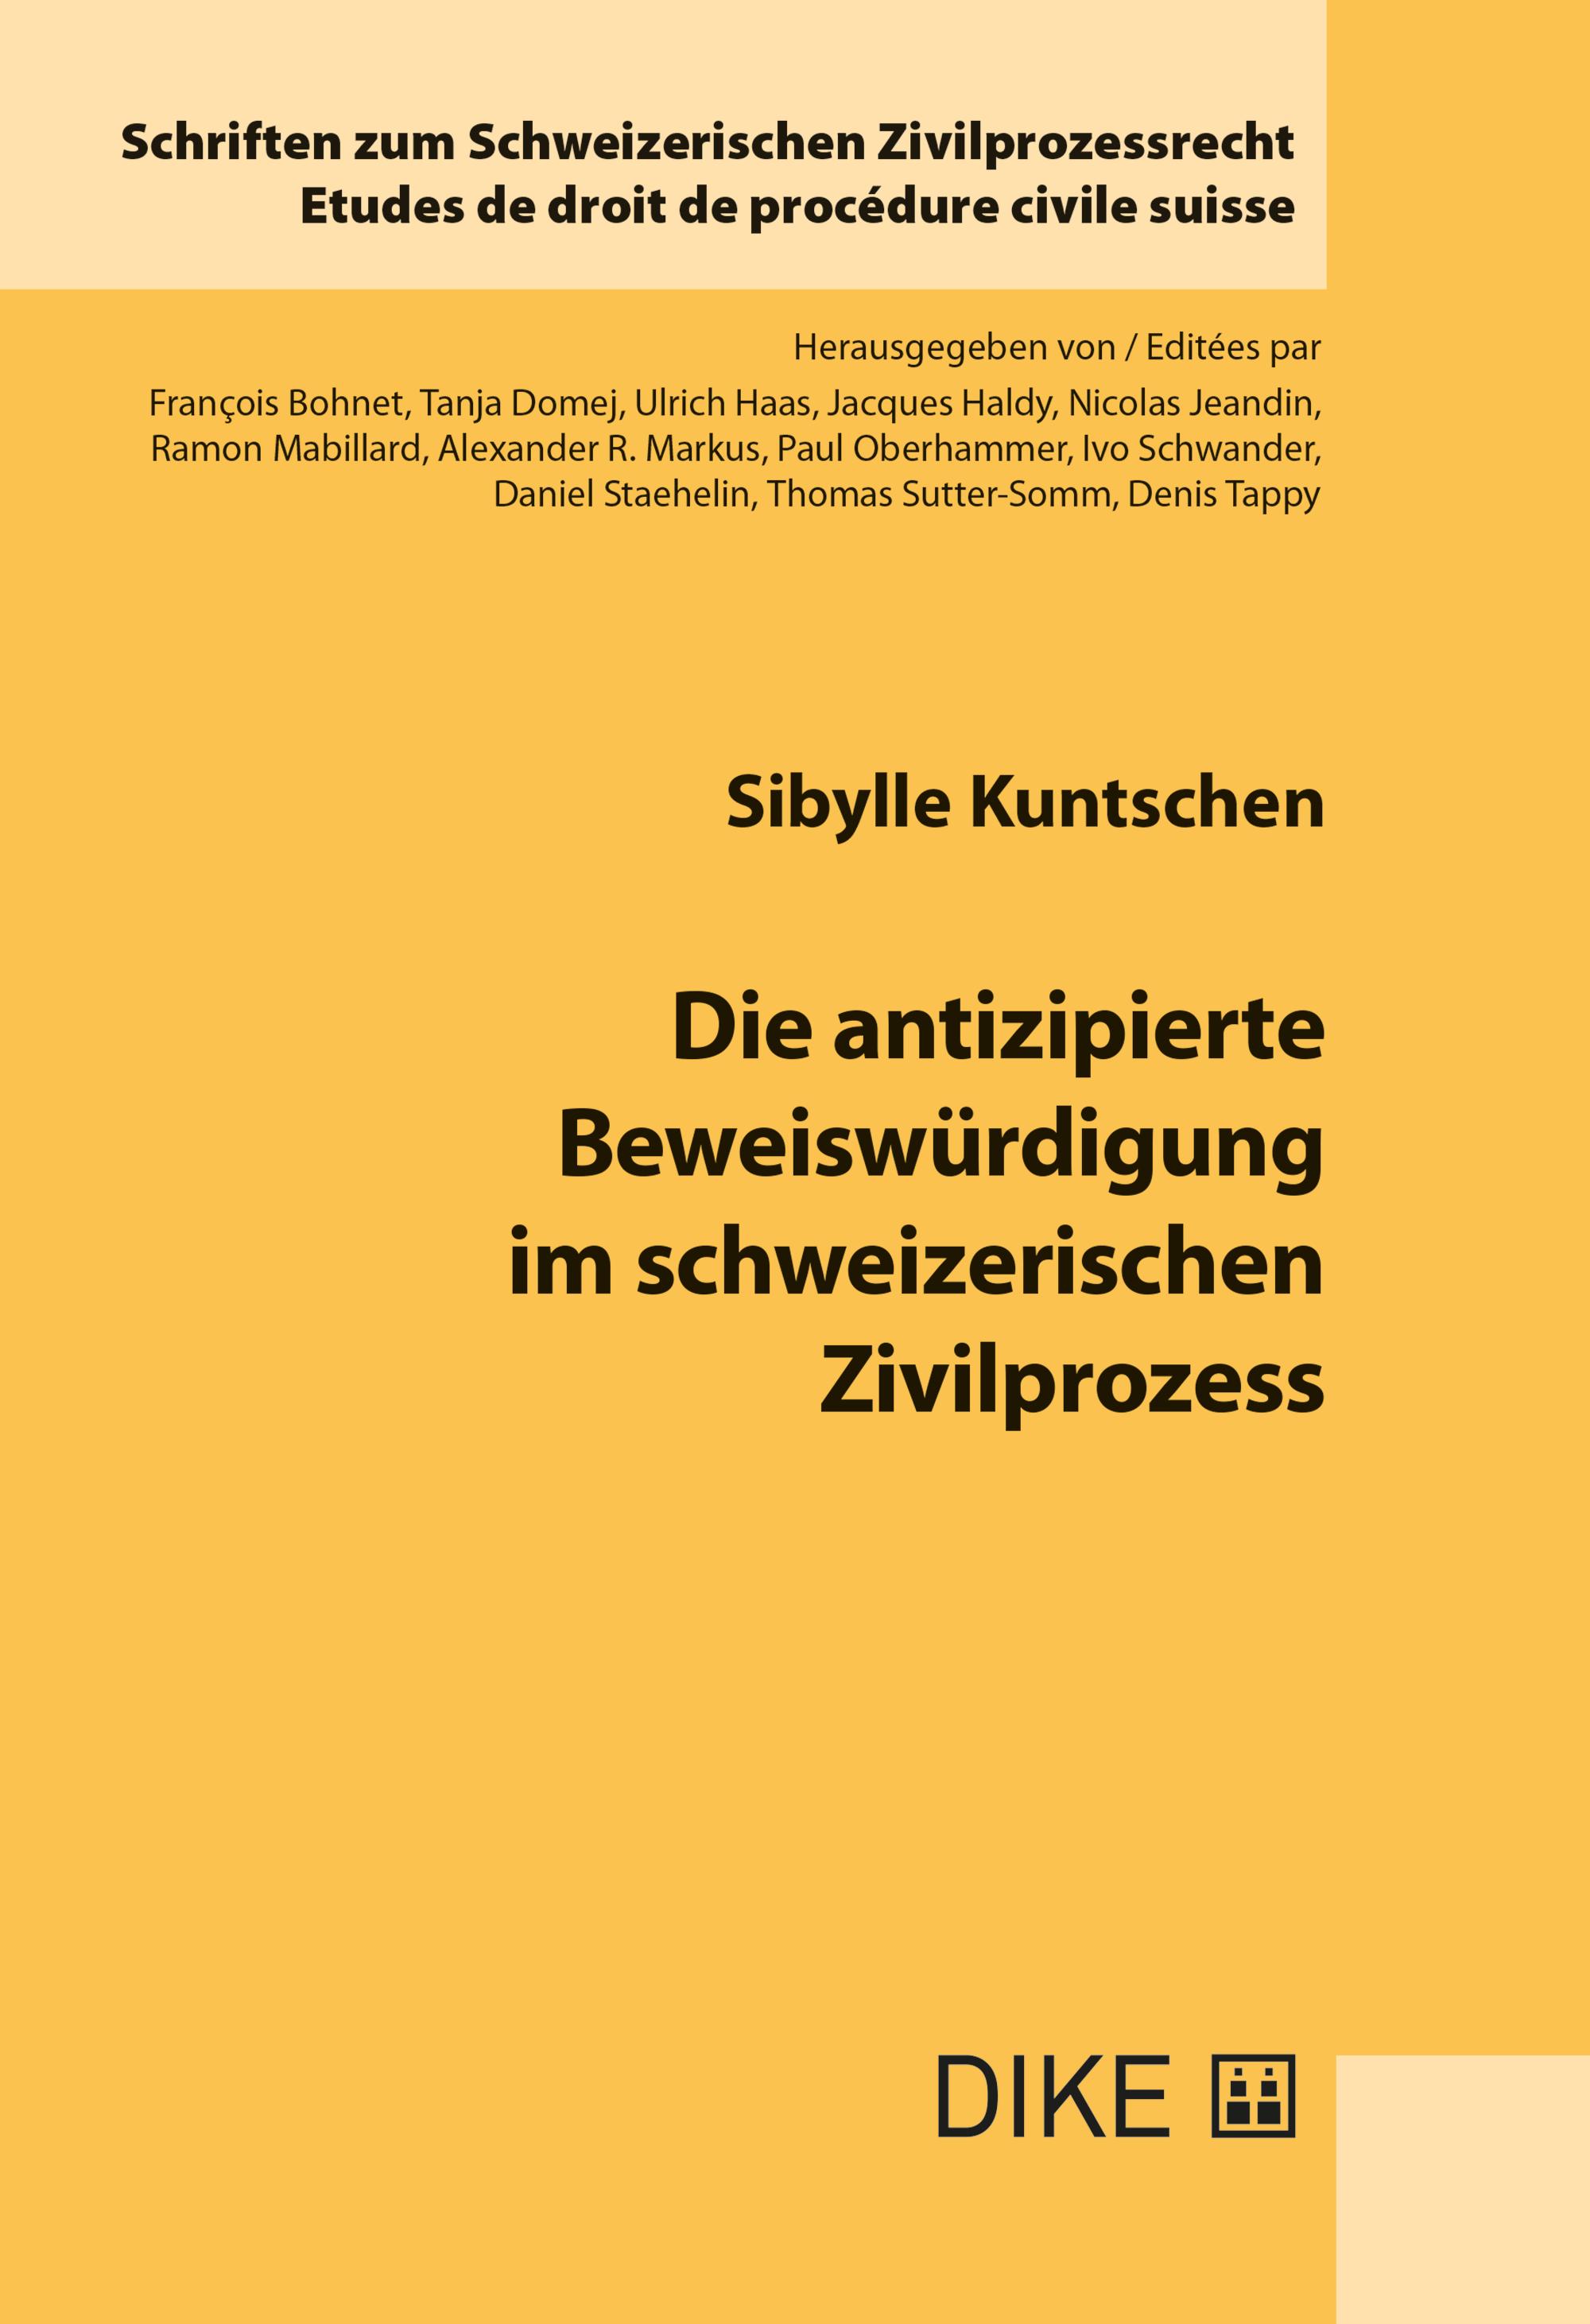 Die antizipierte Beweiswürdigung im schweizerischen Zivilprozess